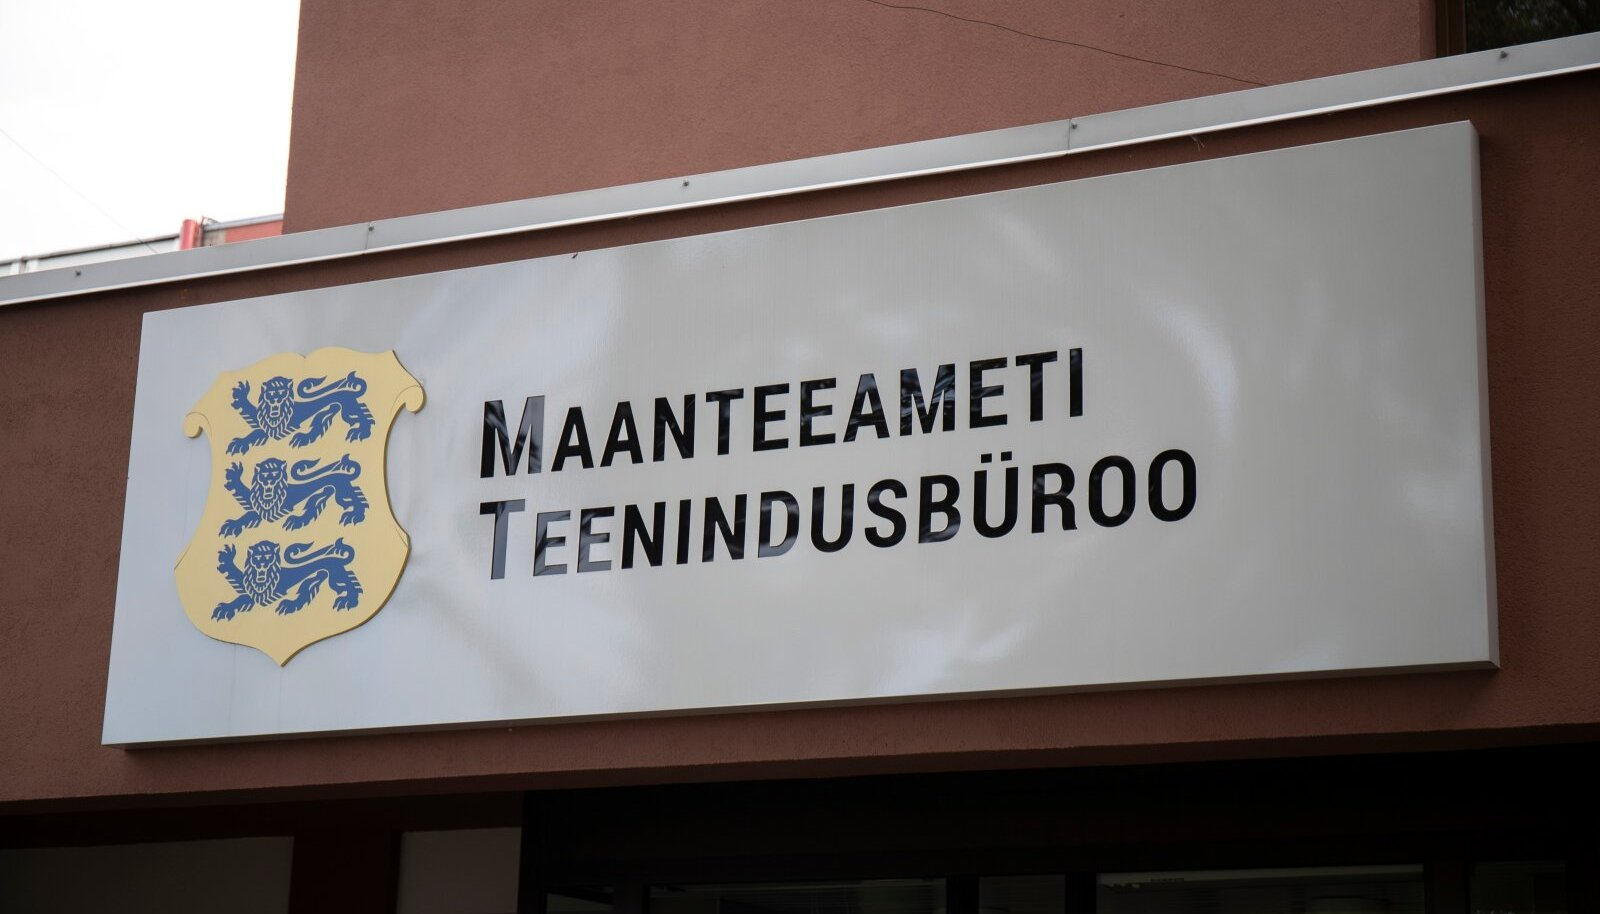 Mõned teenindusbürood on ajutiselt suletud